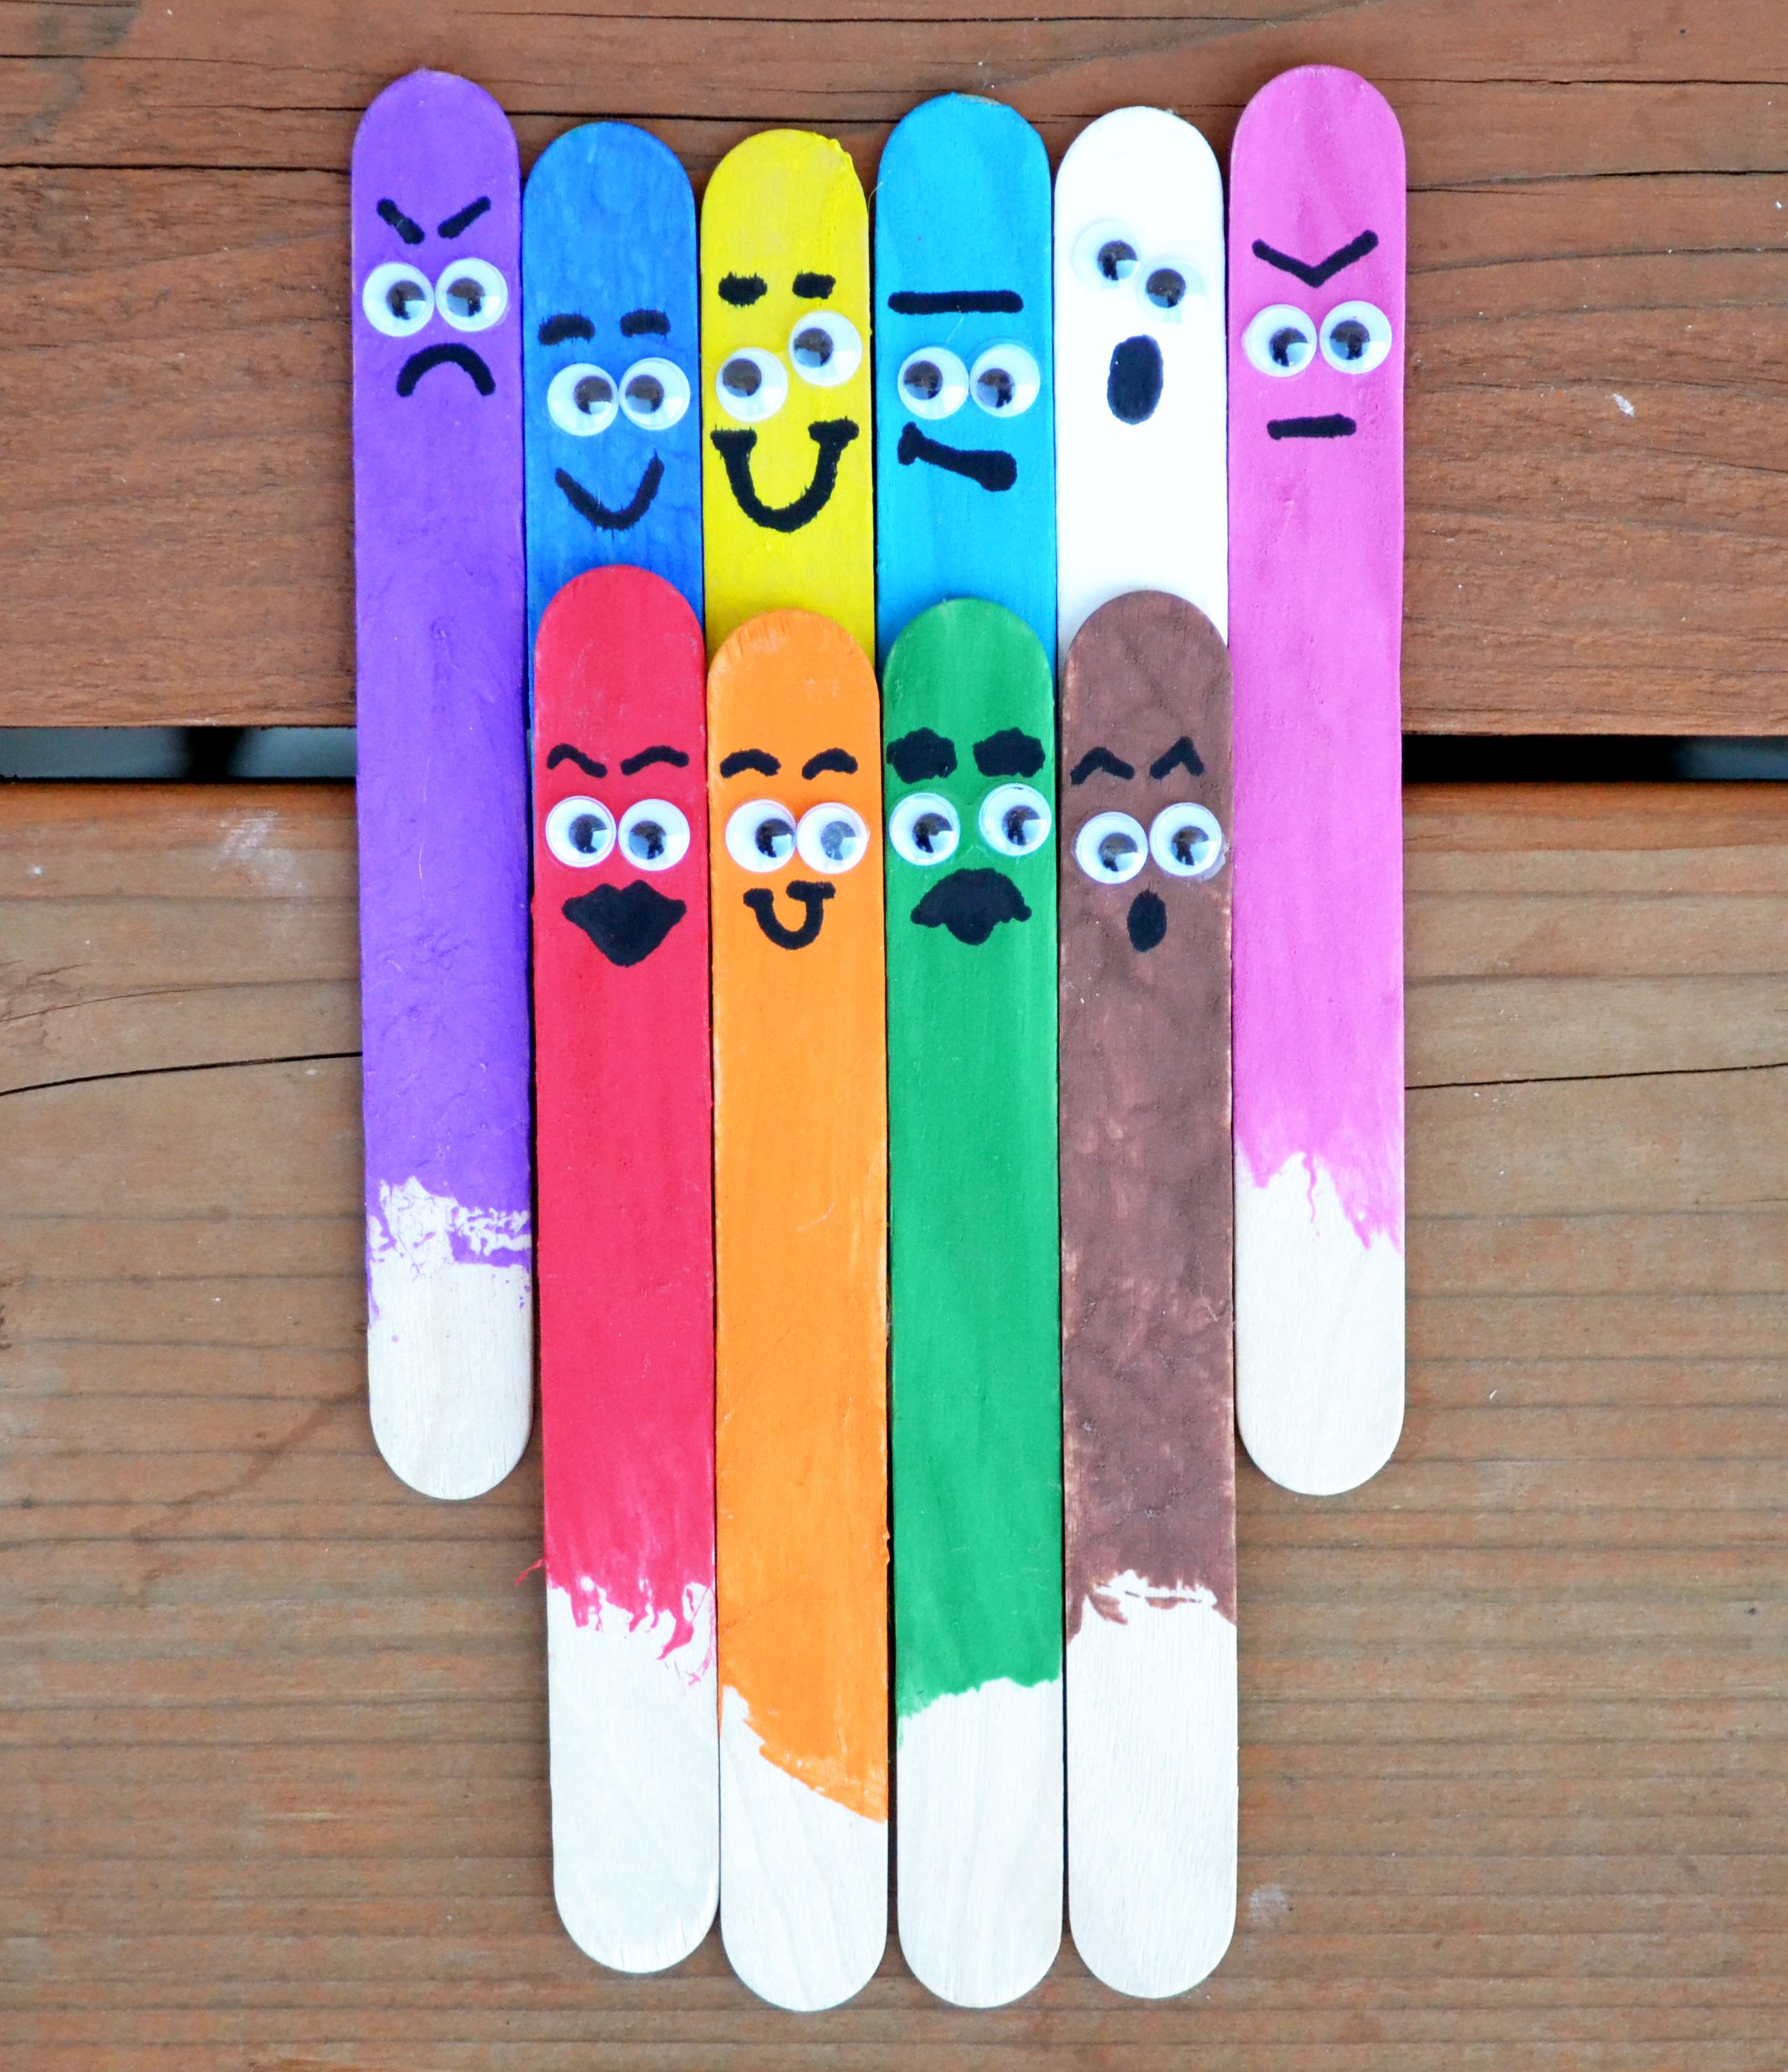 Loli Popsicle Stick Crafts On Pinterest Popsicle Stick